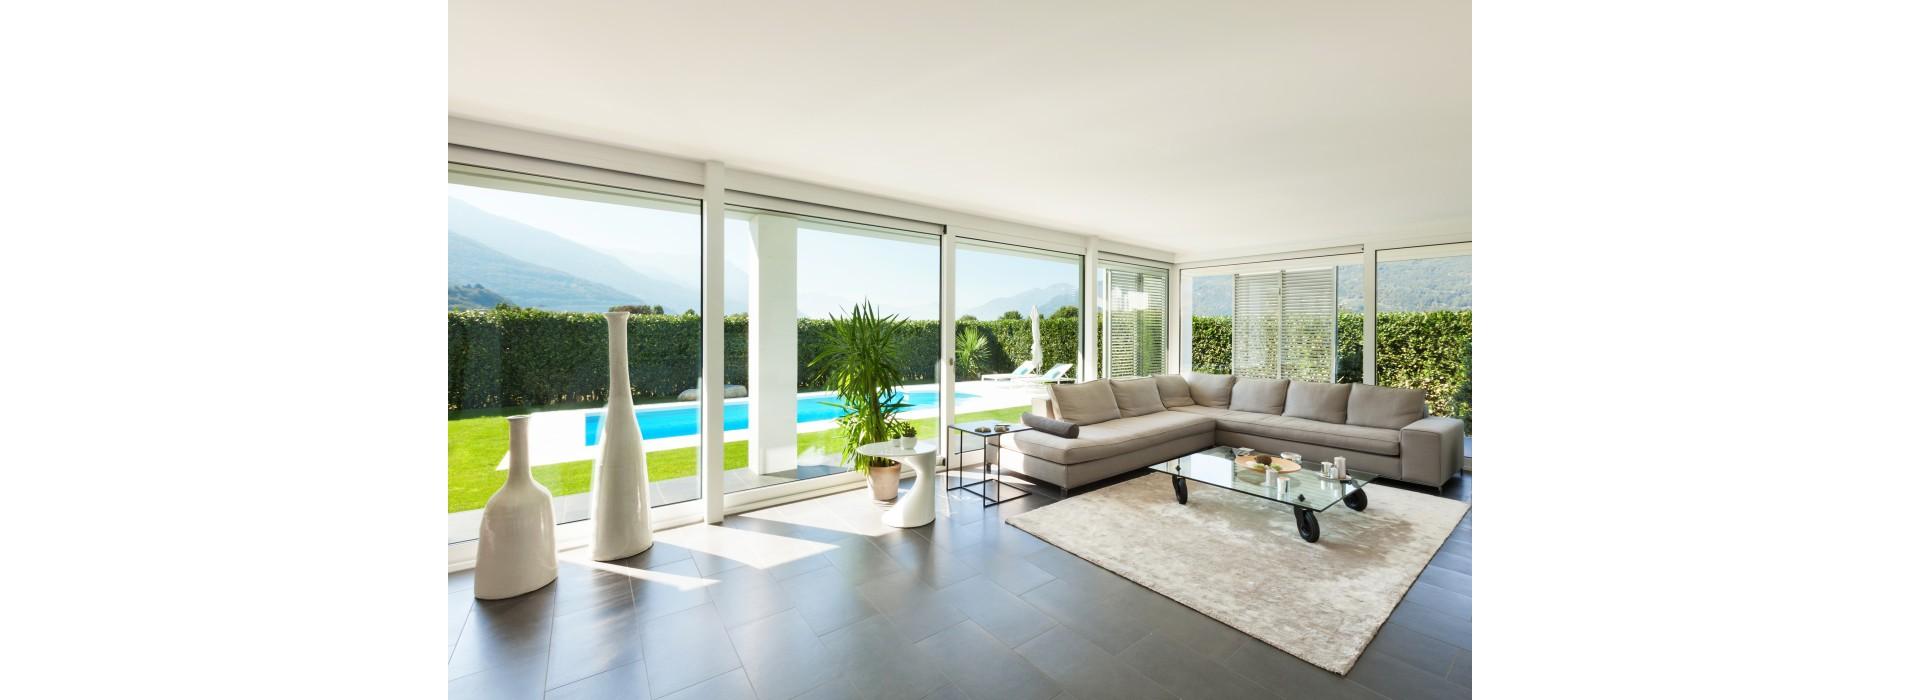 57524039-luxury-home-pool-1024x700.jpg